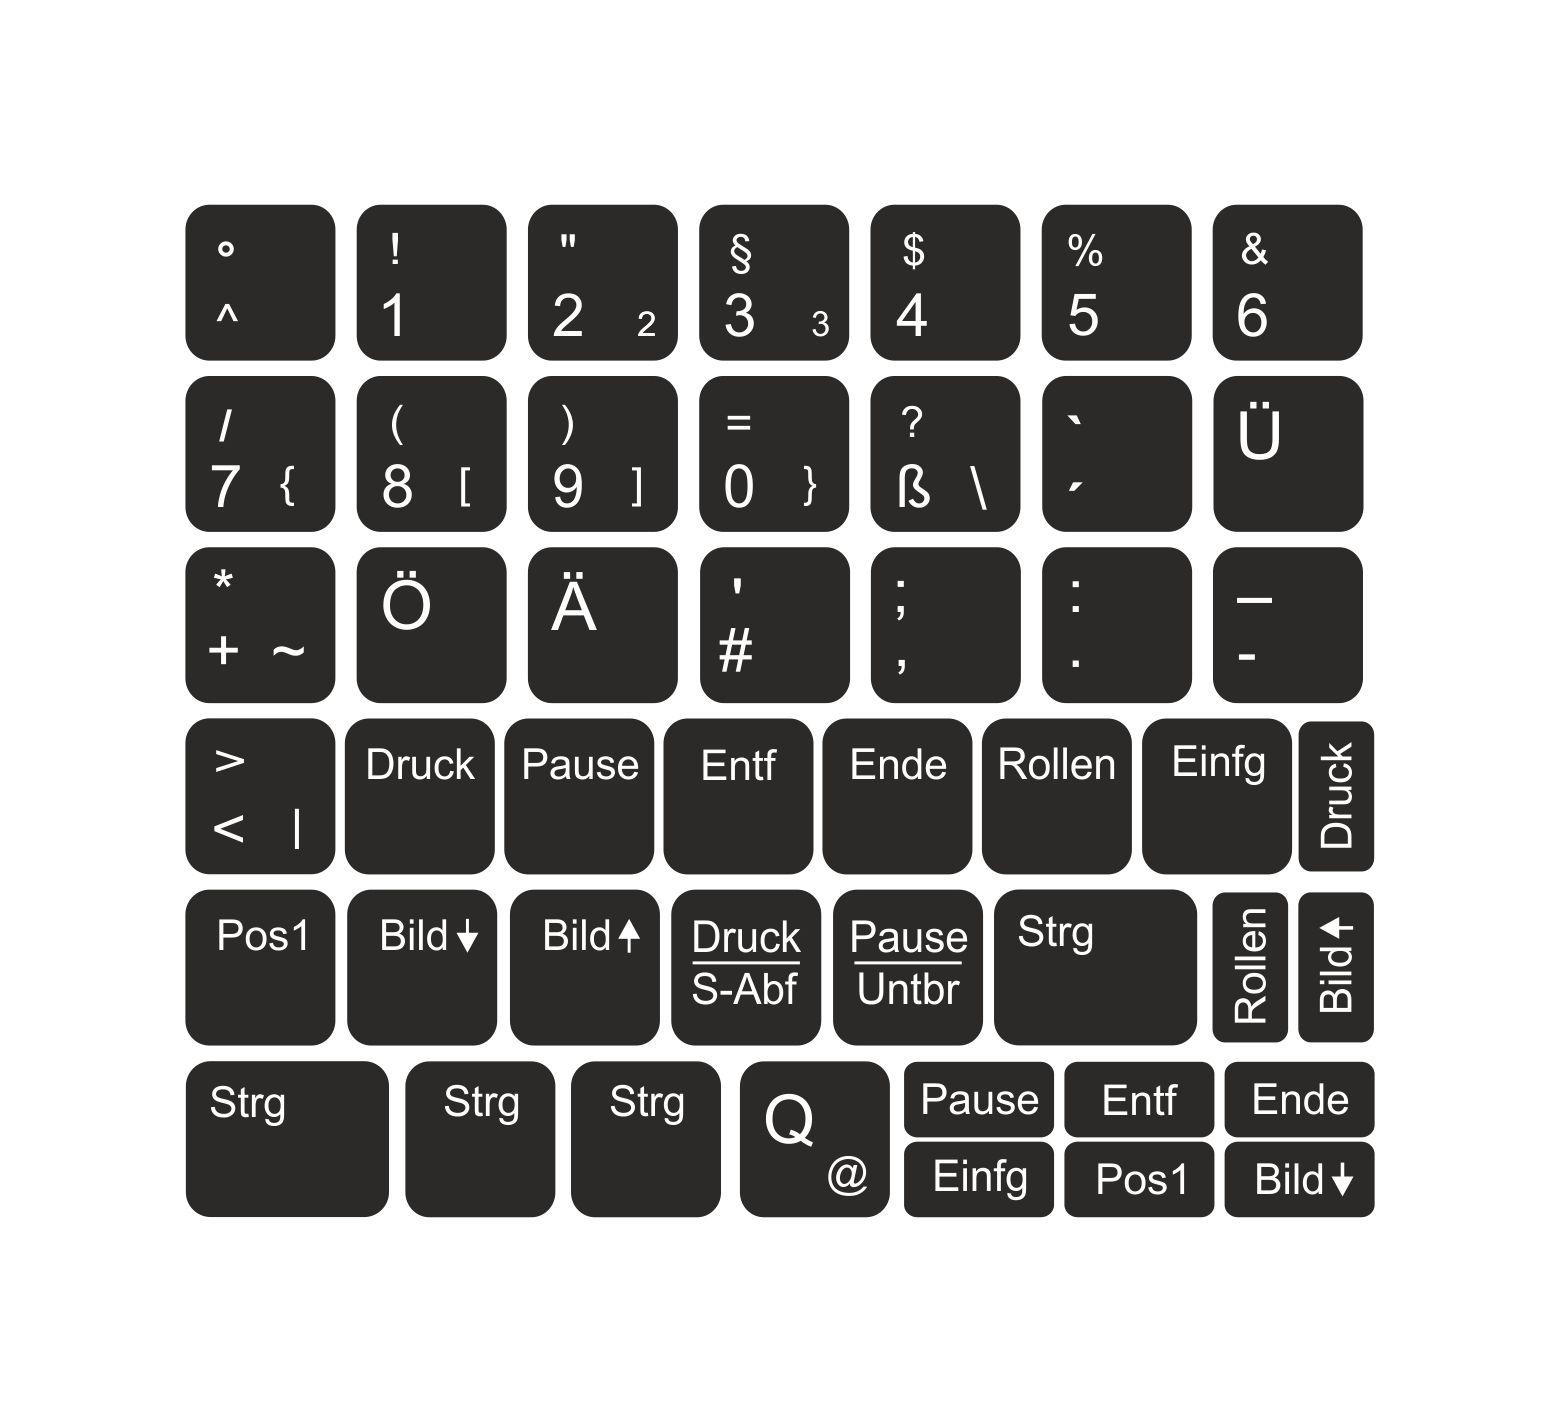 Печать наклеек на клавиатуру в Москве   фото 2